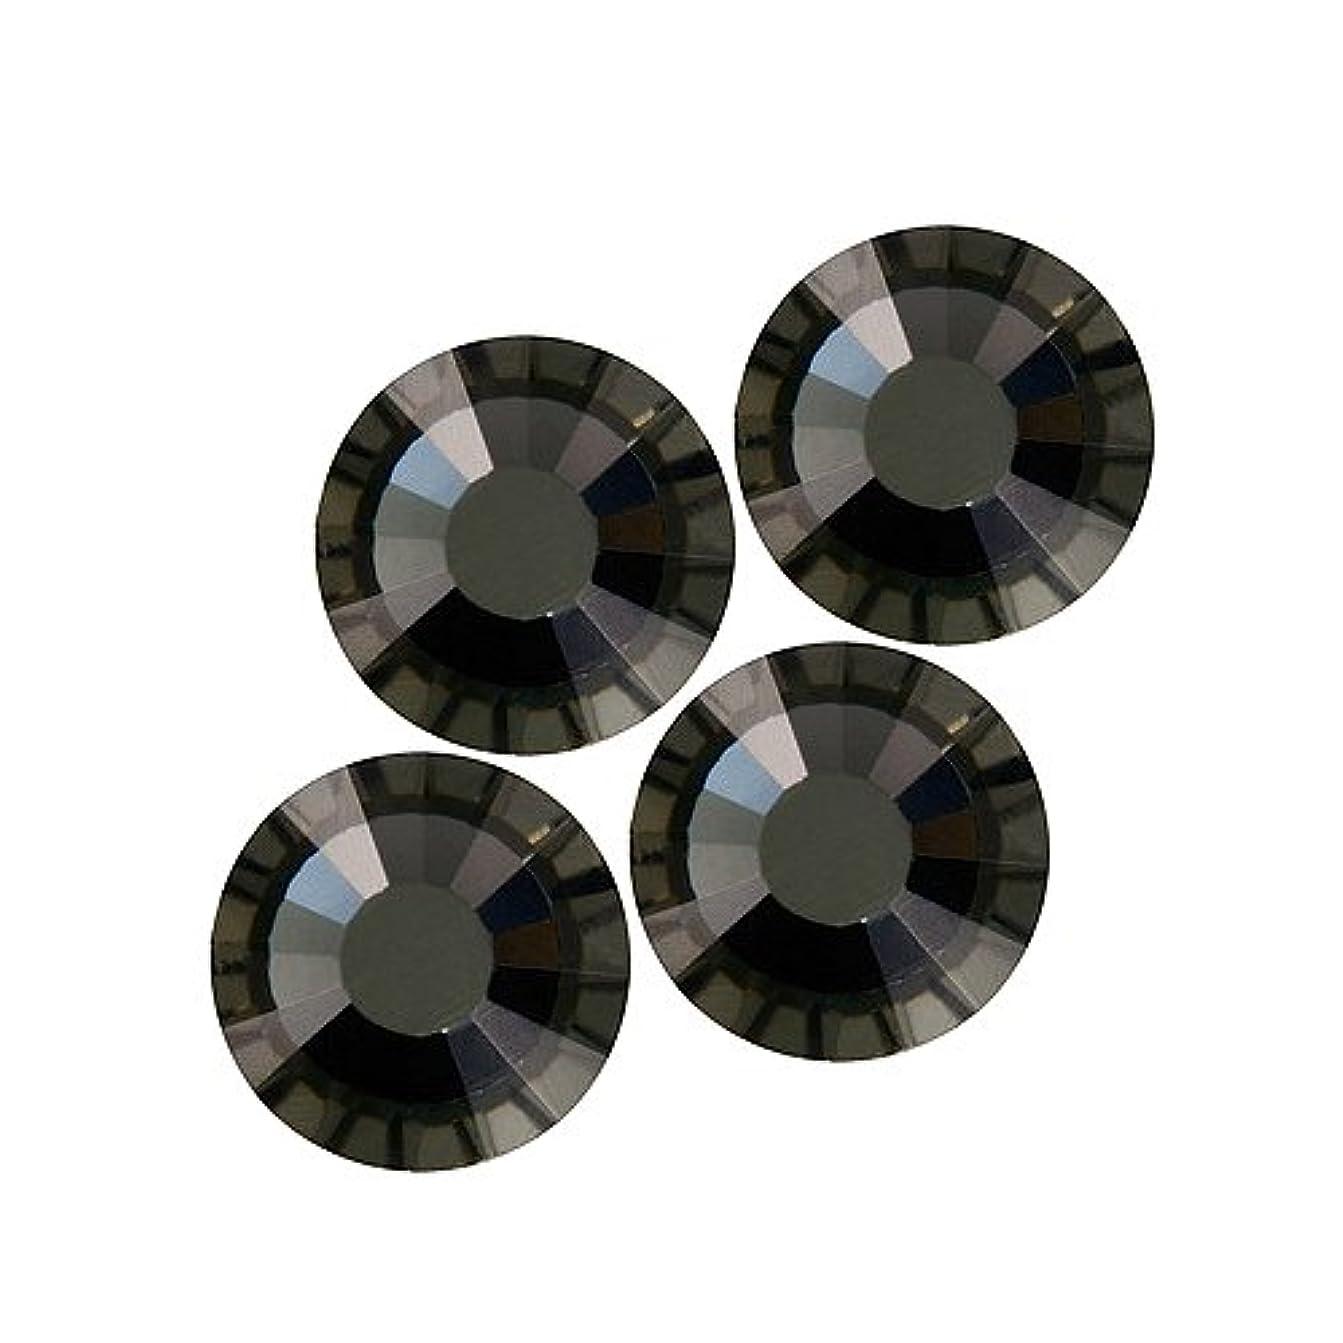 ステージ引く物理的にバイナル DIAMOND RHINESTONE ブラックダイアモンドSS8 1440粒 ST-SS8-BKD-10G